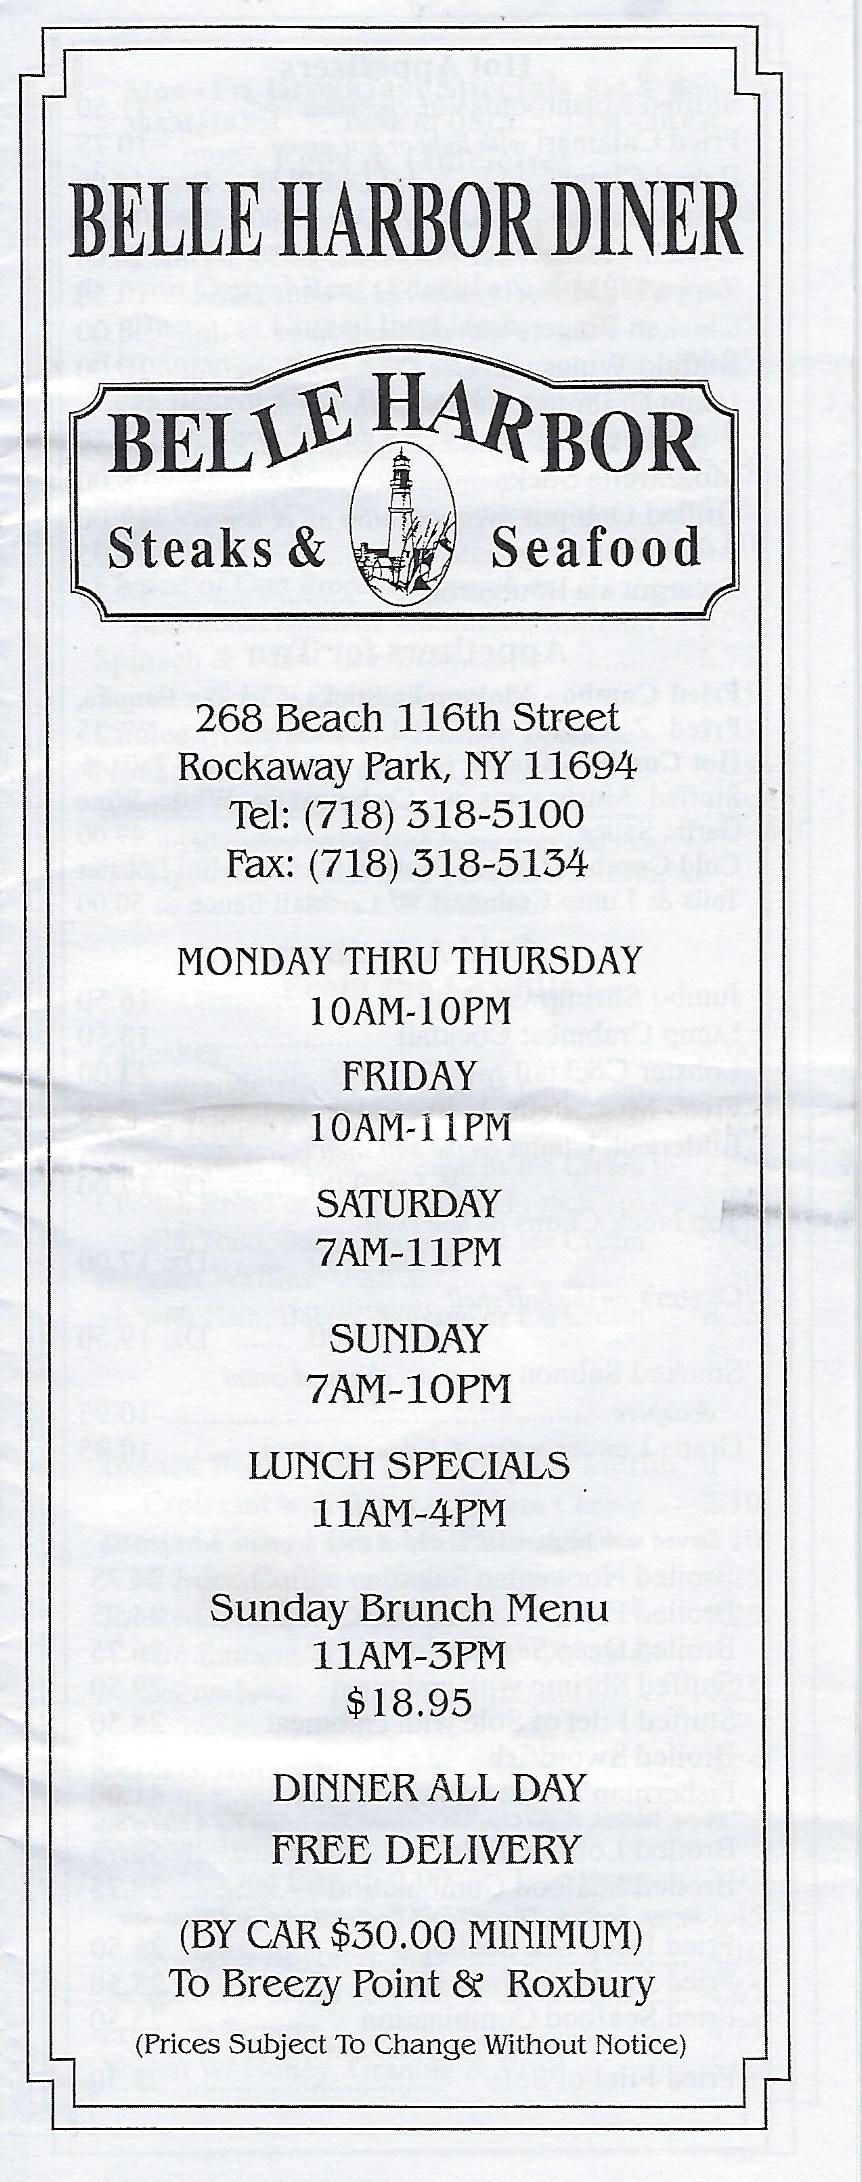 The Castle Rockaway_Belle Harbor Diner